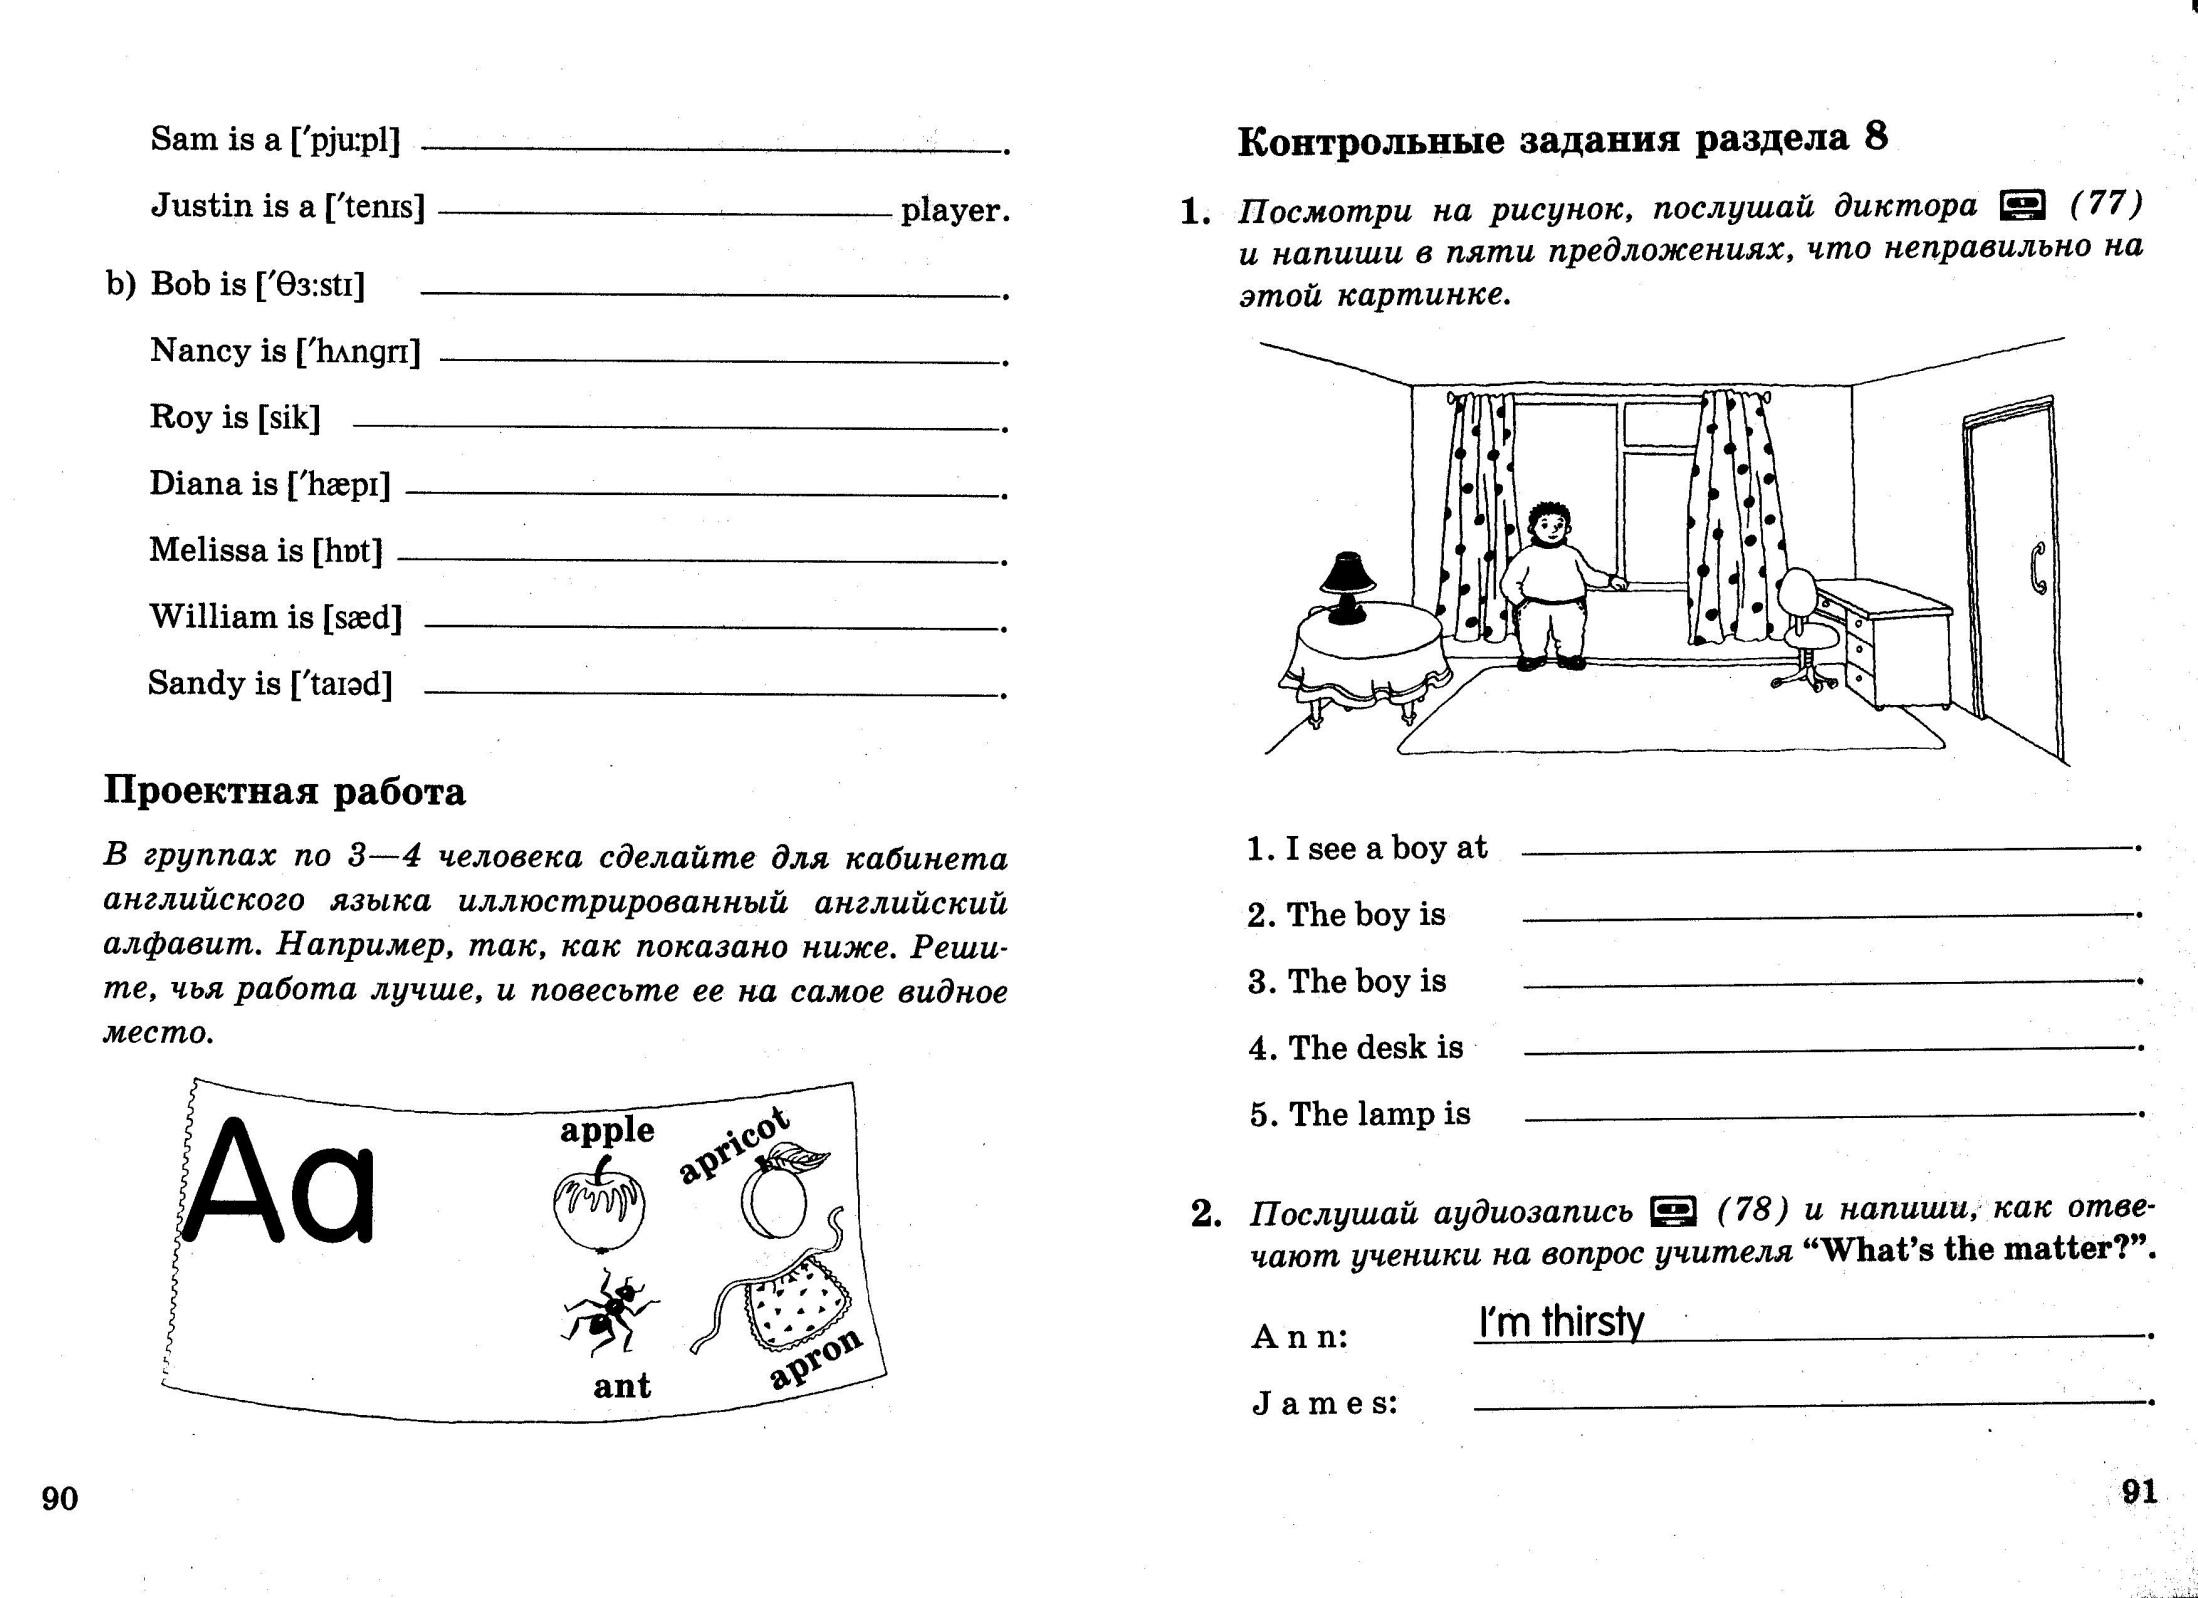 D:\Рабочая тетрадь\Рабочая тетрадь №2\8 РАЗДЕЛ (43-48) урок)\10011.jpg